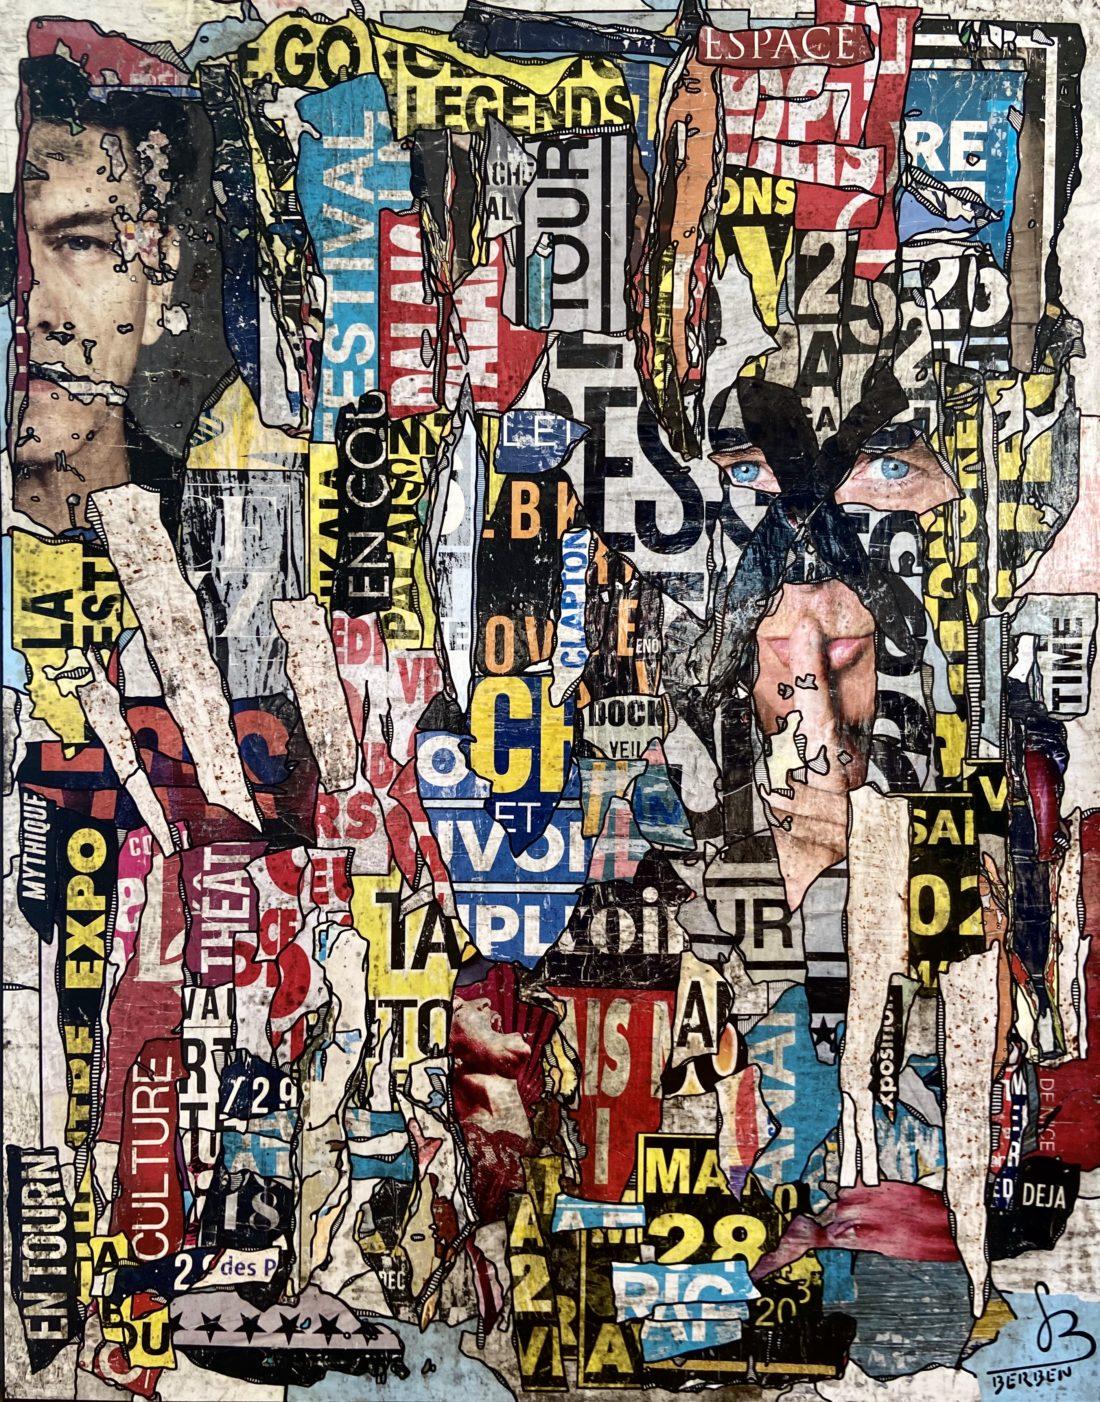 AFFICHAGE LIBRE #8 - 118 x 150 cm - Gregory BERBEN - Décembre 2020